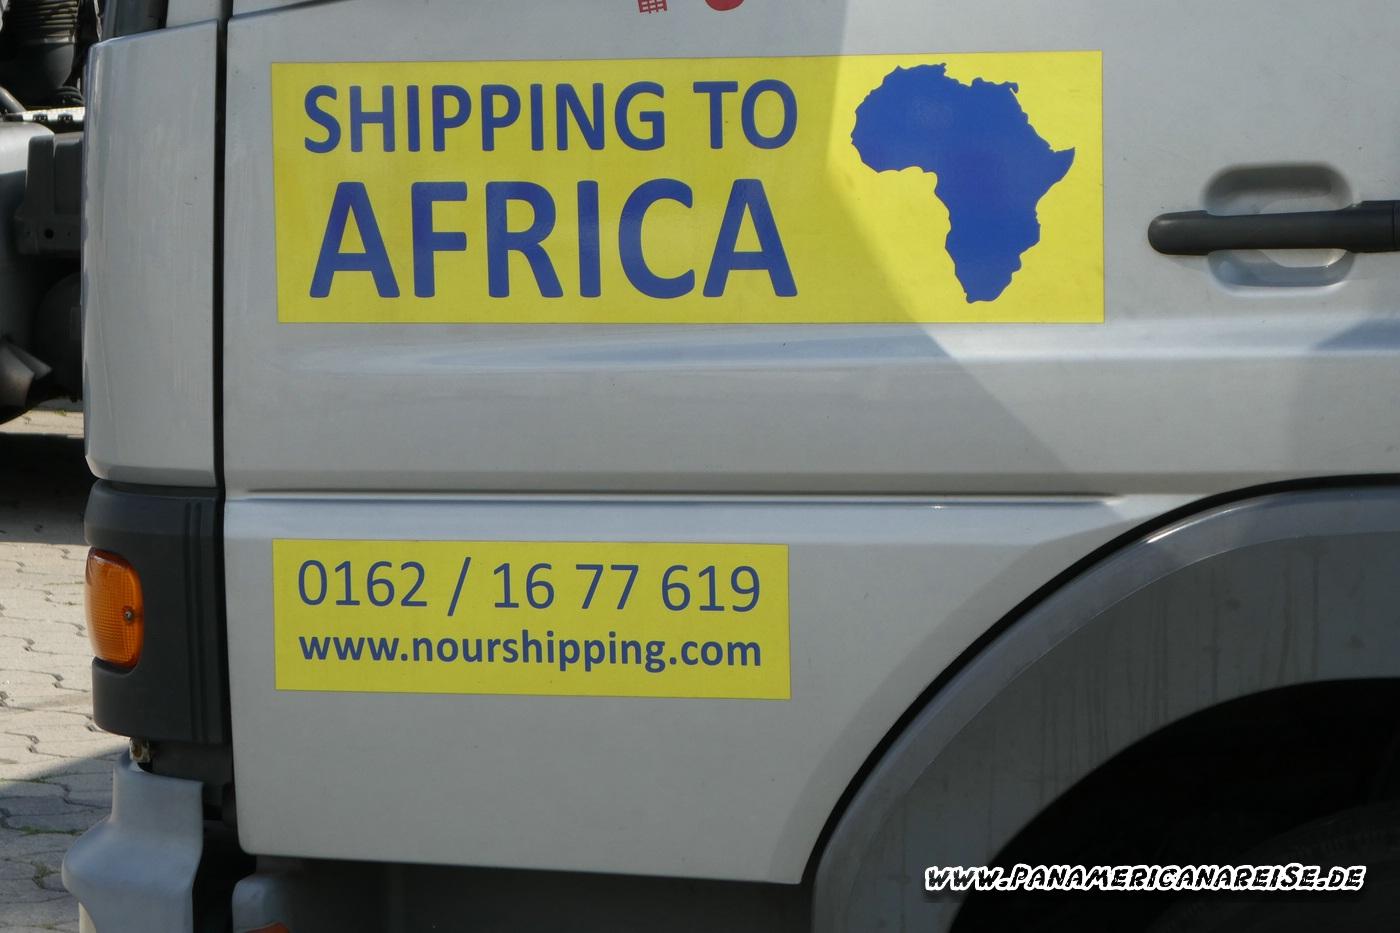 Schrott für Afrika Verschiffung Südamerika RoRo